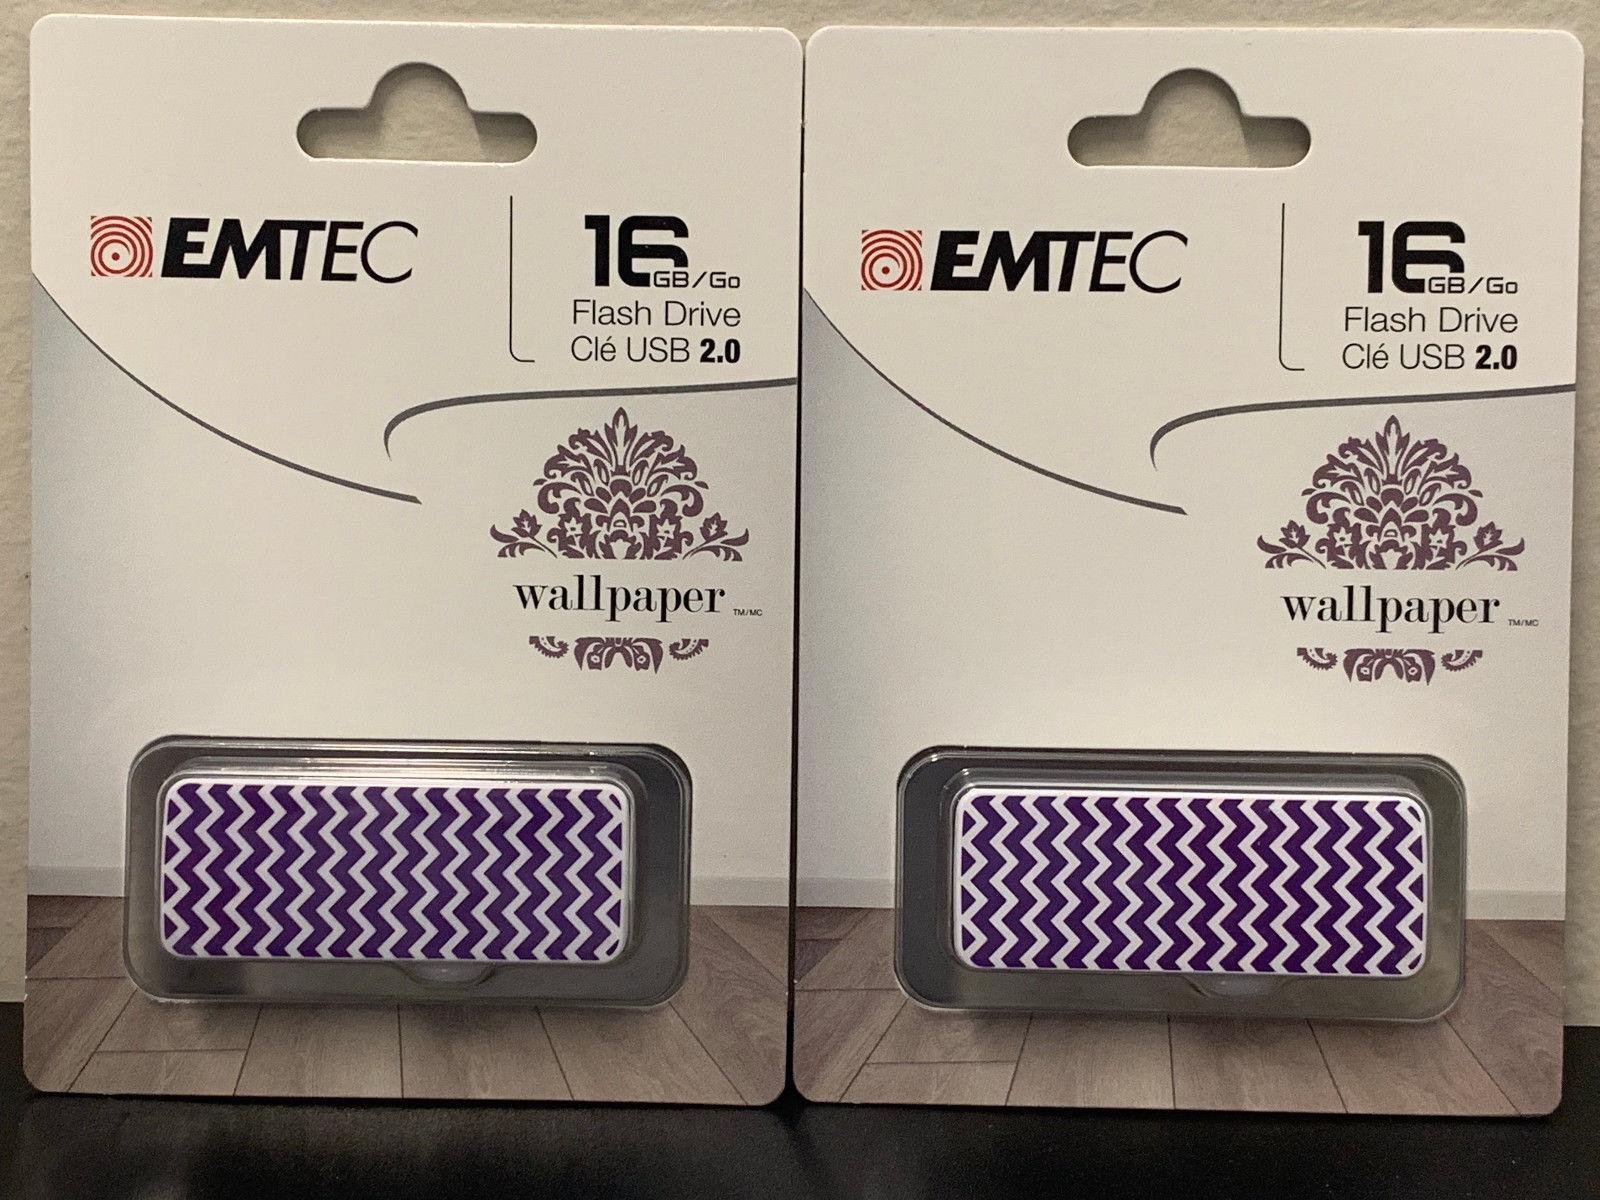 Emtec 16GB USB 2.0 Flash Drive Wallpaper Purple Wave - ECMMD